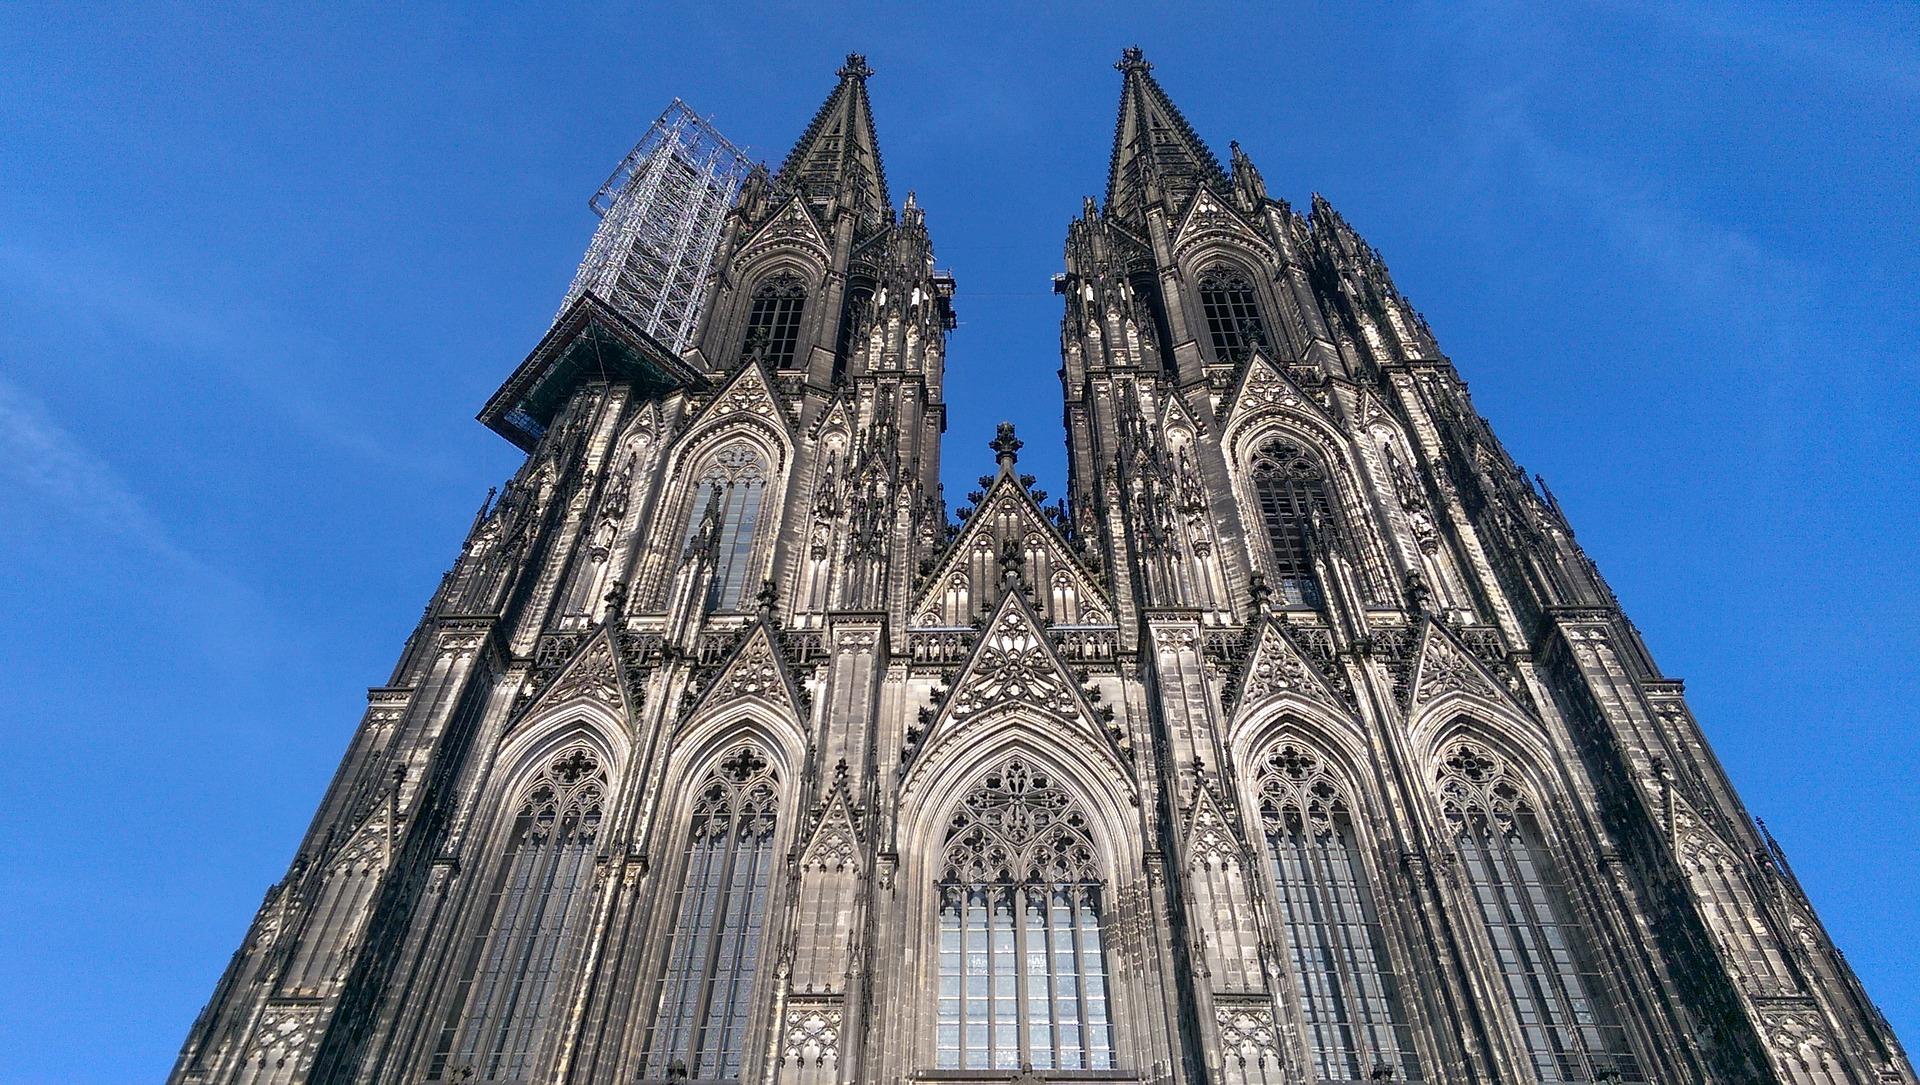 ケルン大聖堂はドイツが誇る世界遺産!気になる拝観時間や行き方は?